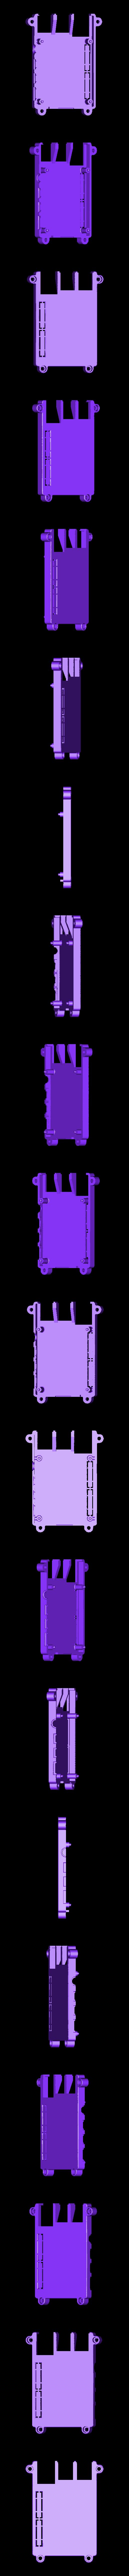 SLIM_BLANK.STL Télécharger fichier STL gratuit Étui Pi 4B Framboise Framboise • Objet pour imprimante 3D, mkellsy